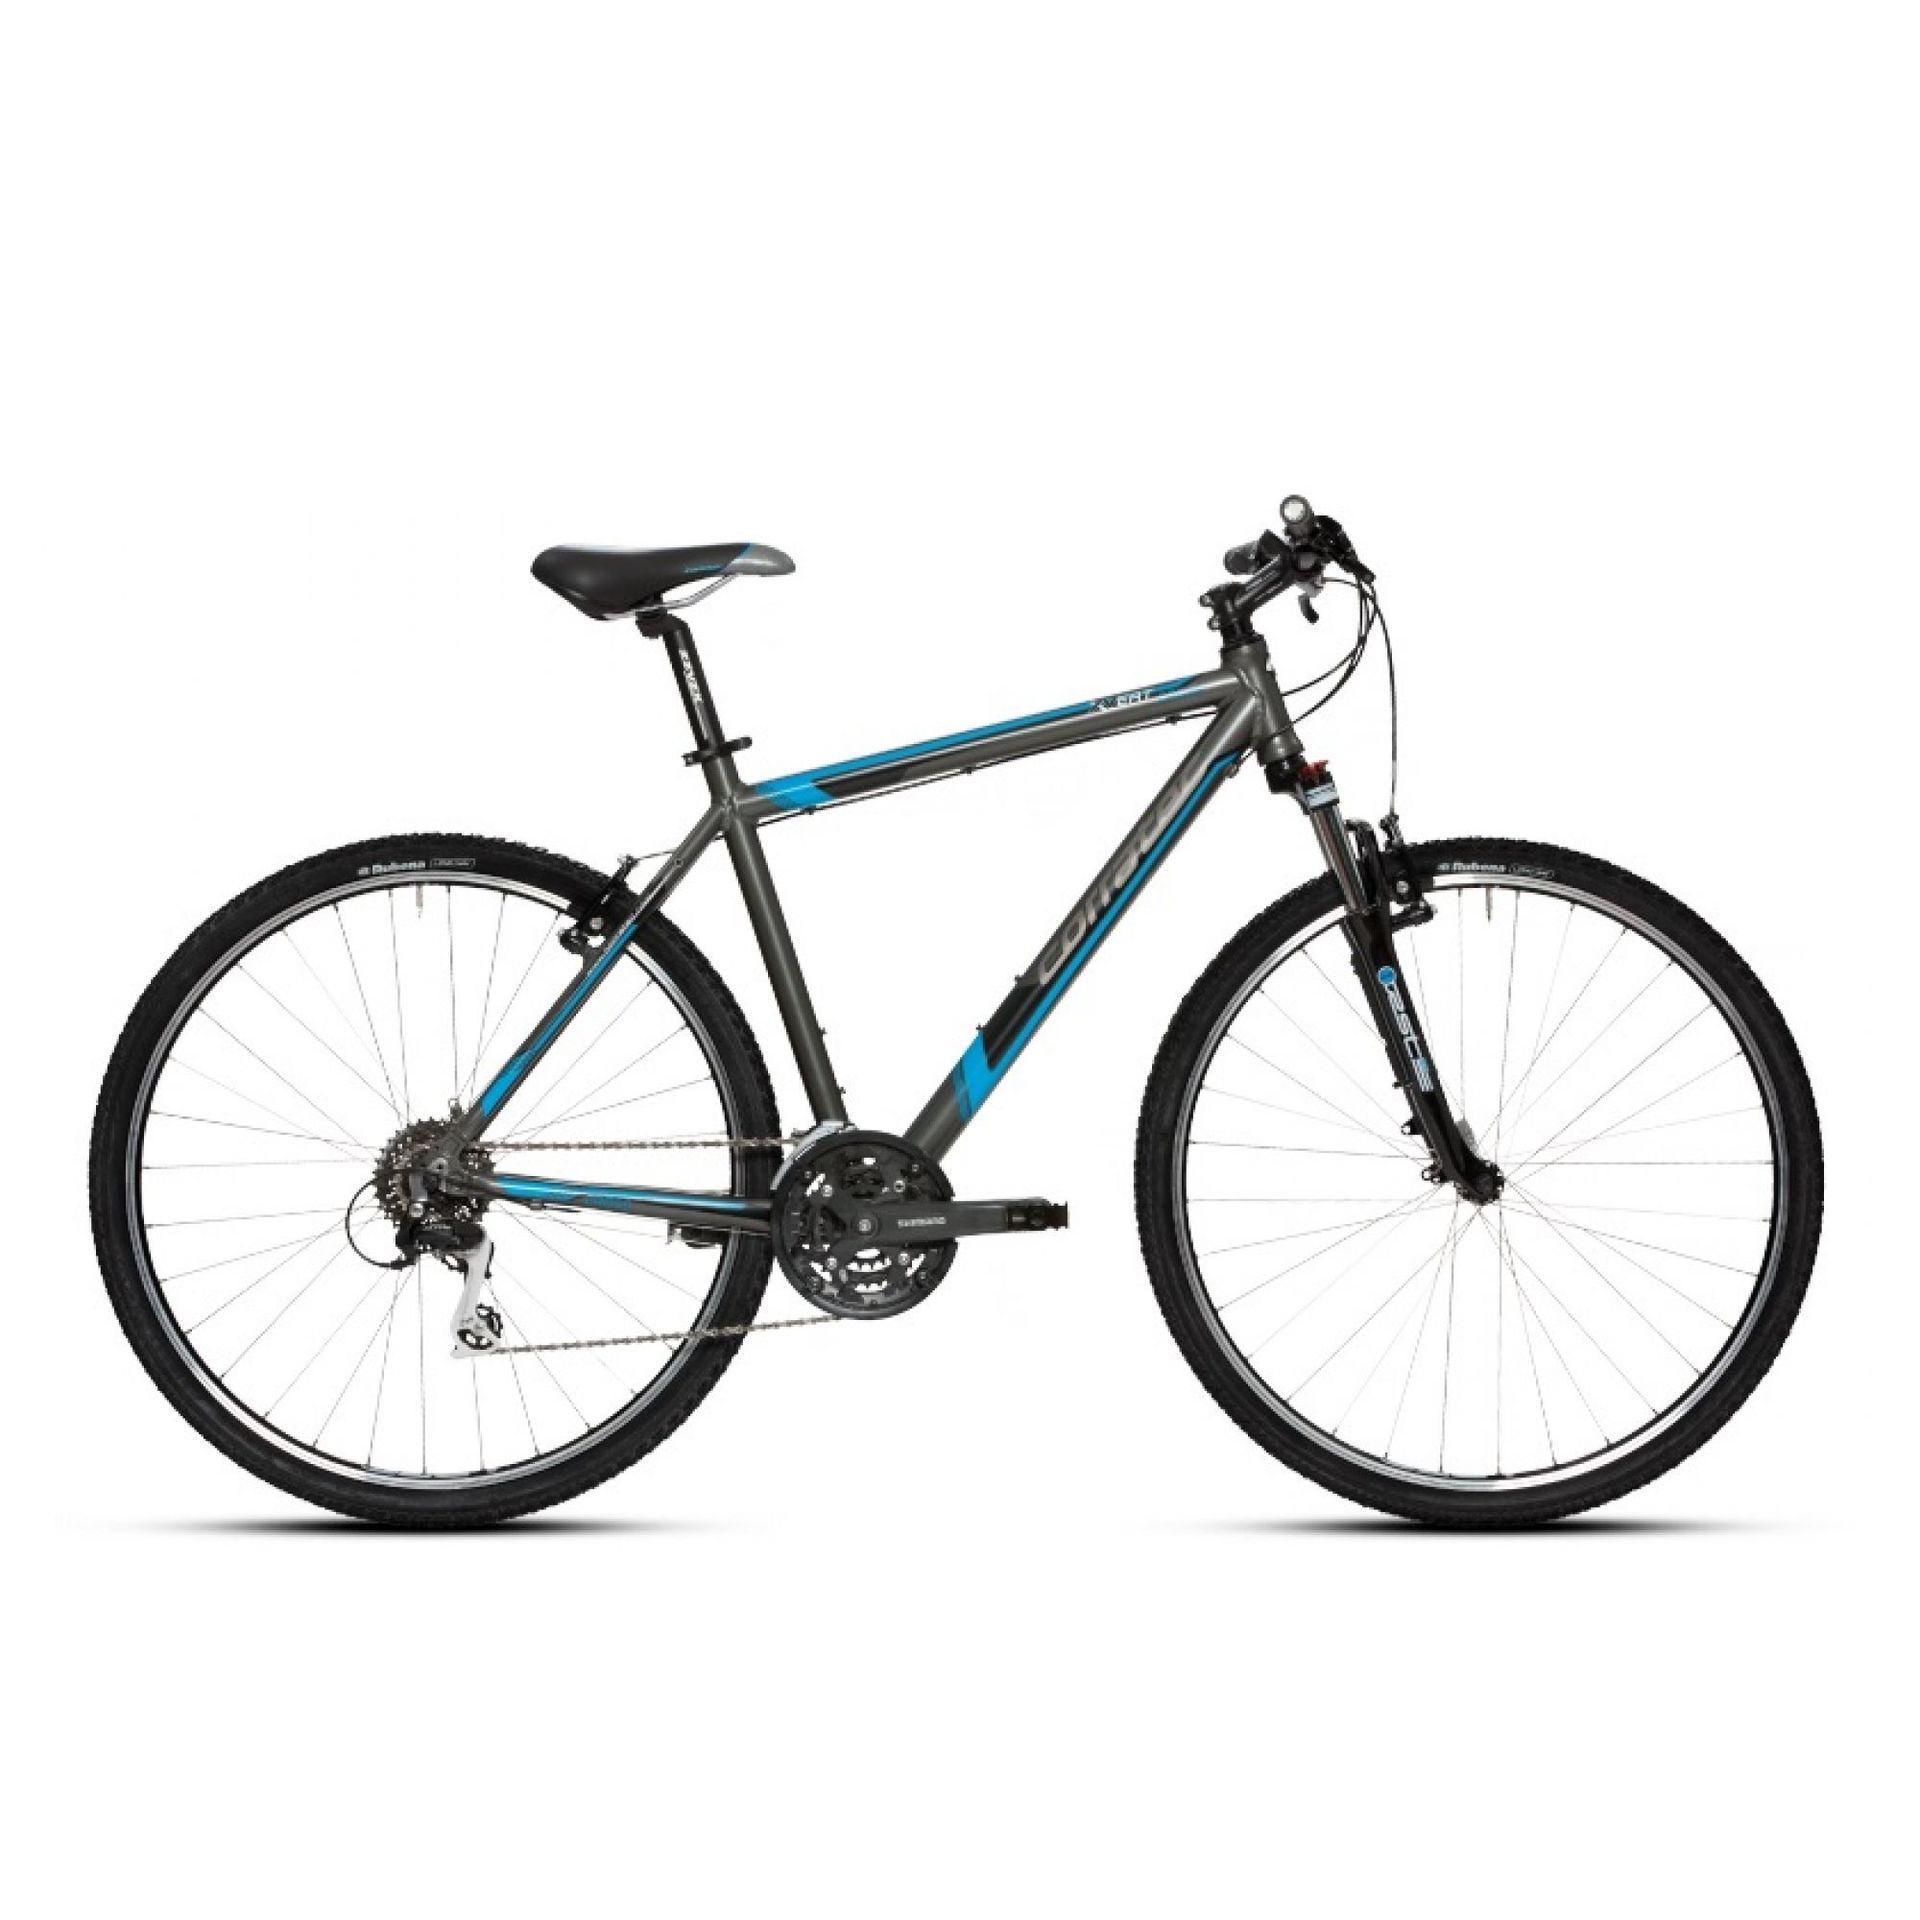 Rower Corratec X- Vert Cross Gent szaro niebieski